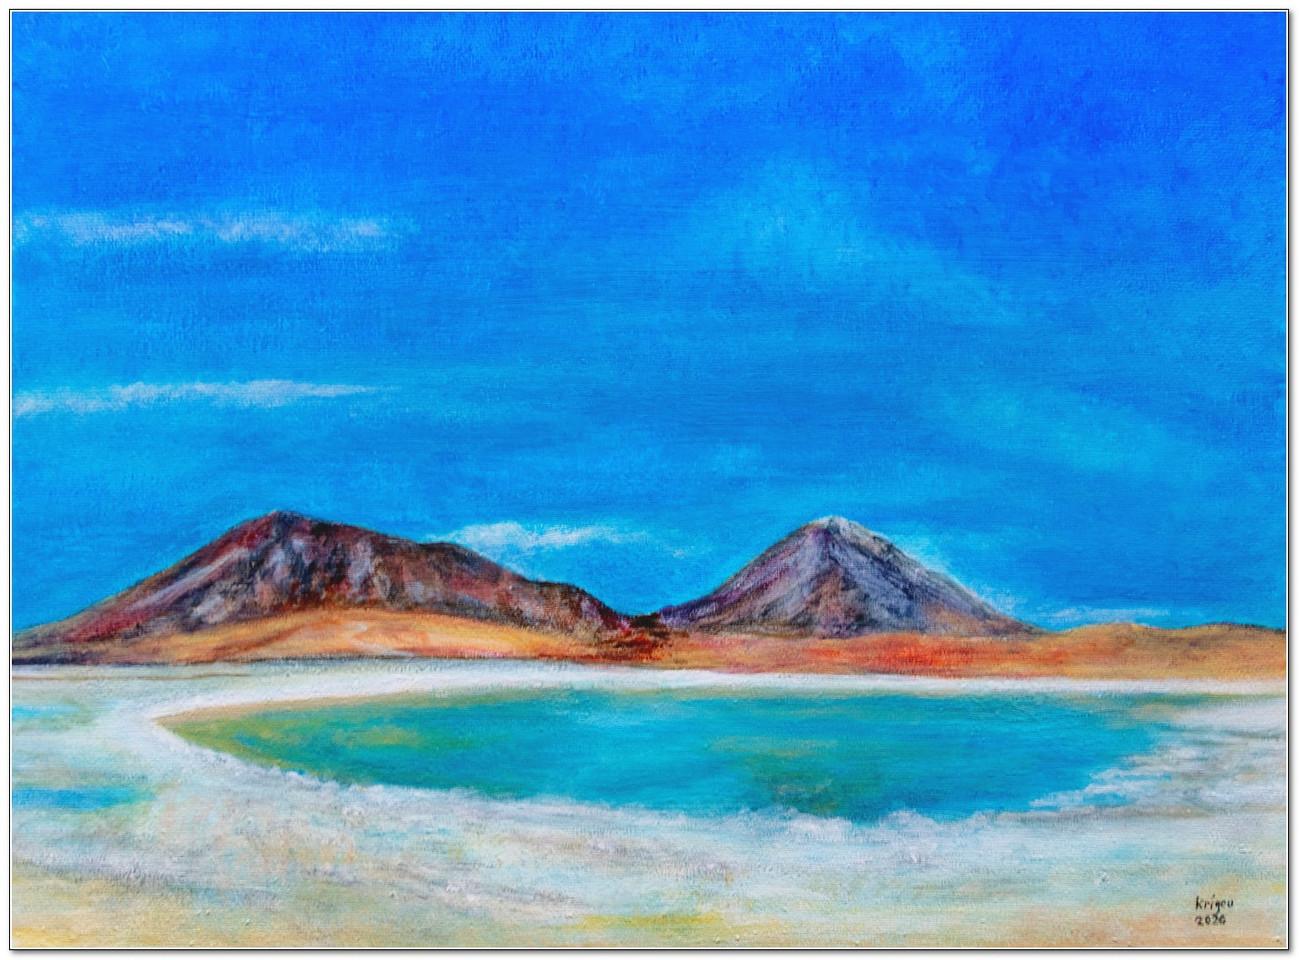 Laguna Verde - Sur Lipez - Peinture sur toile - Acrylique 40 x 30